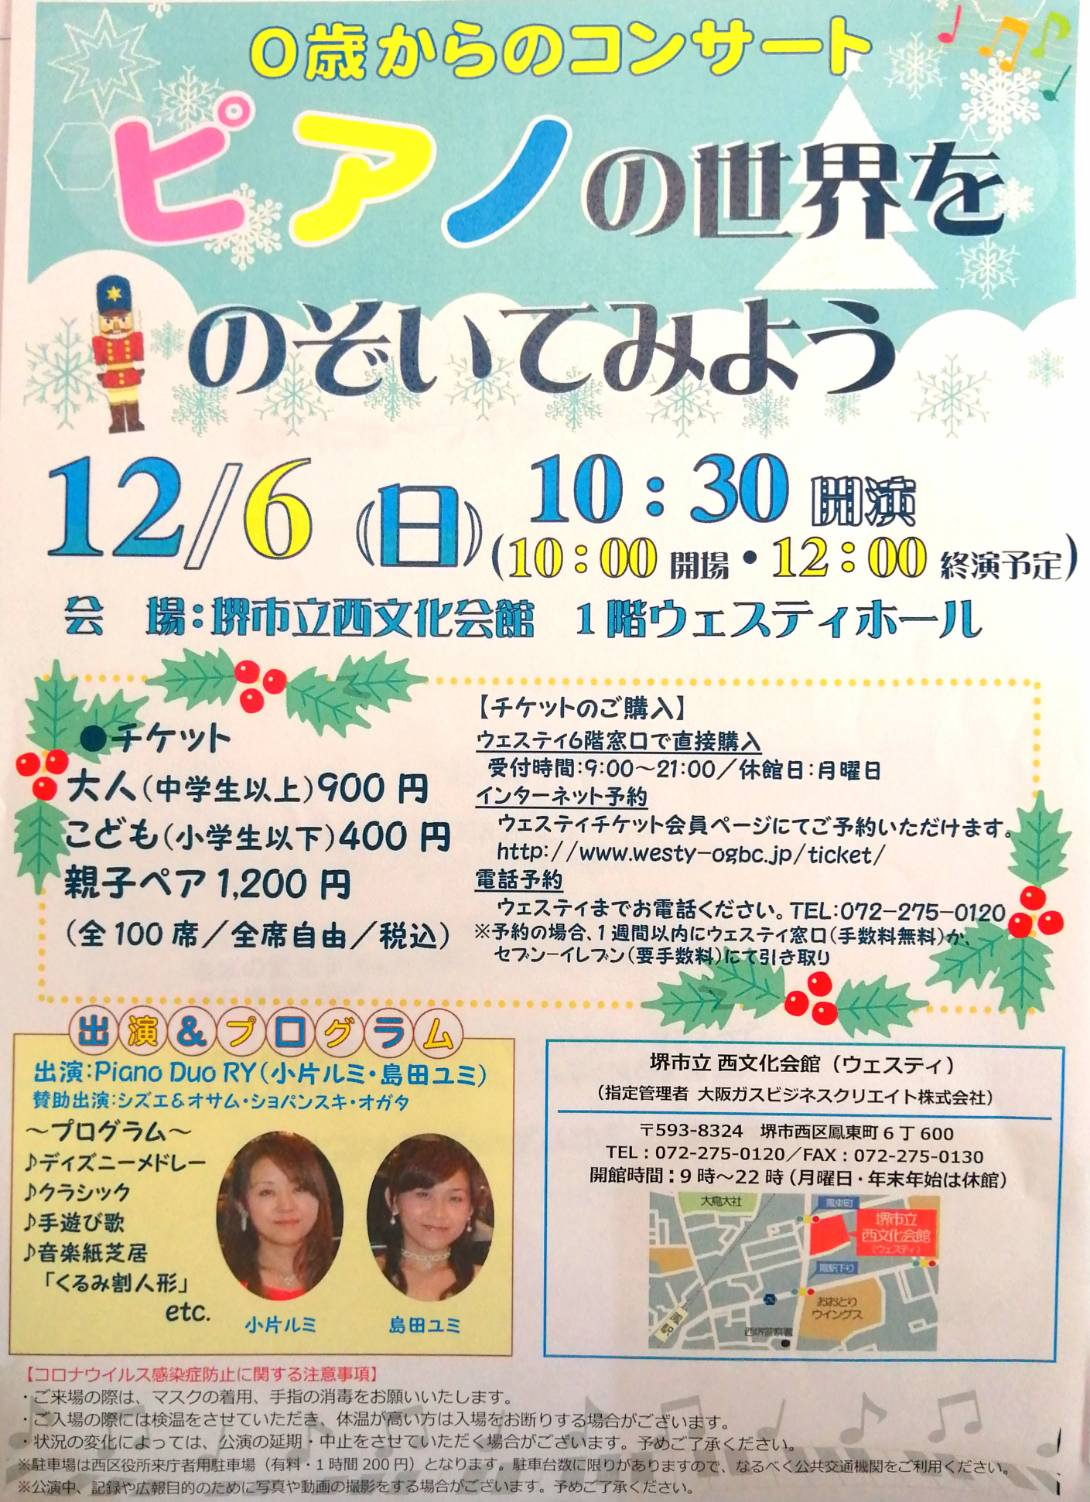 【2020.12/6(日)開催】堺市西区・ウェスティで親子で楽しめる『0歳からのコンサート ~ピアノの世界を のぞいてみよう~』♪: